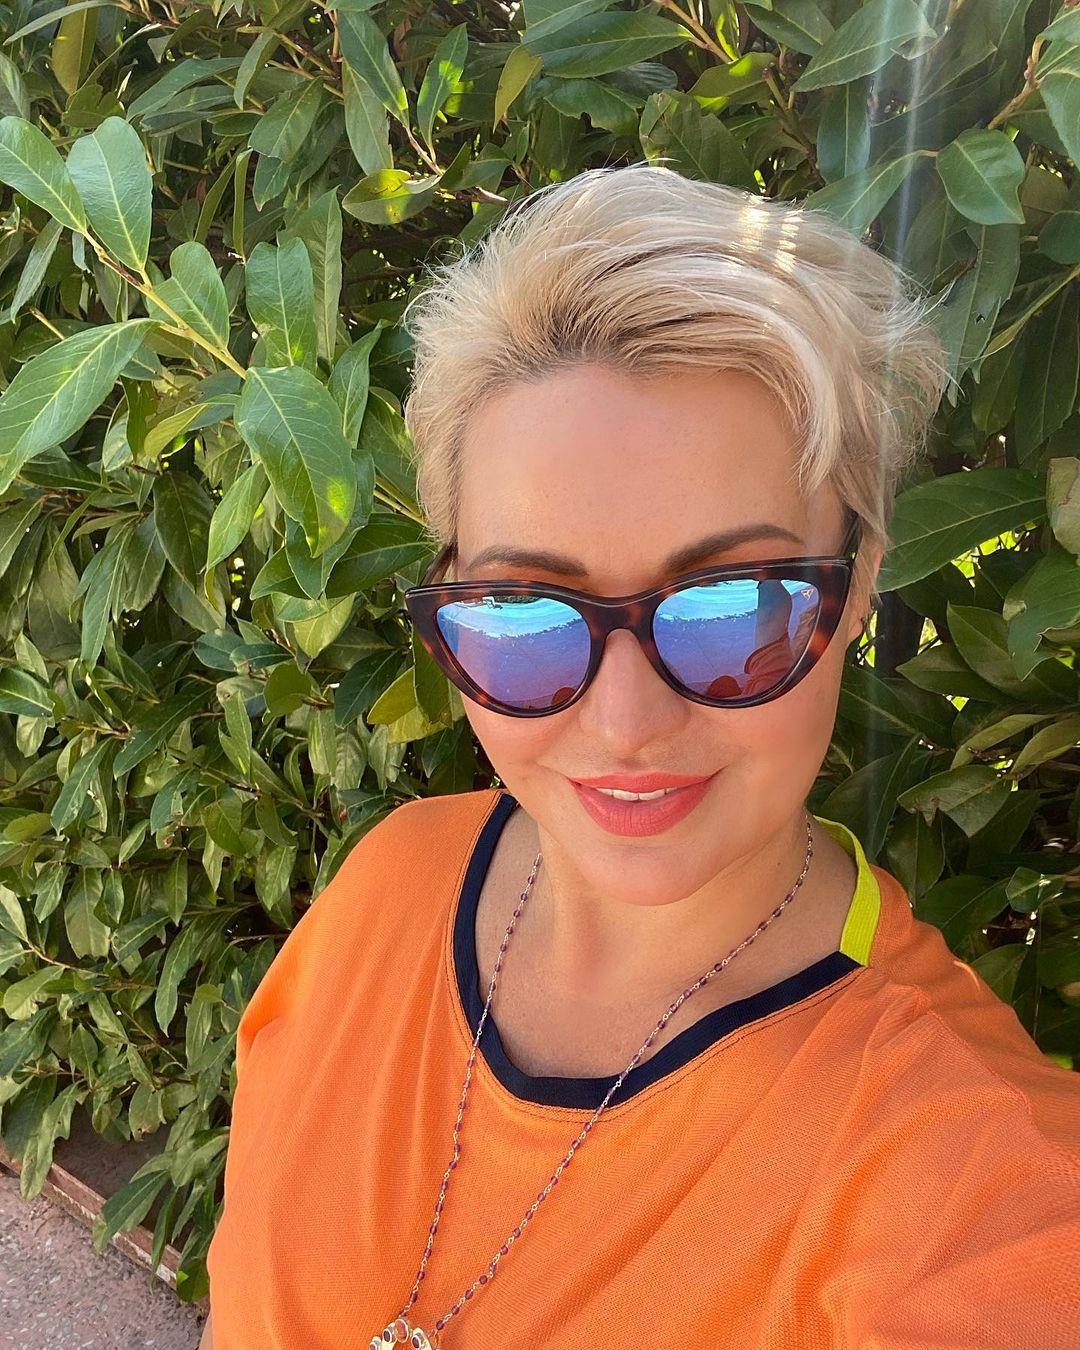 Катя Лель и Тимур Timbigfamily выпустили песню «Делай громко»